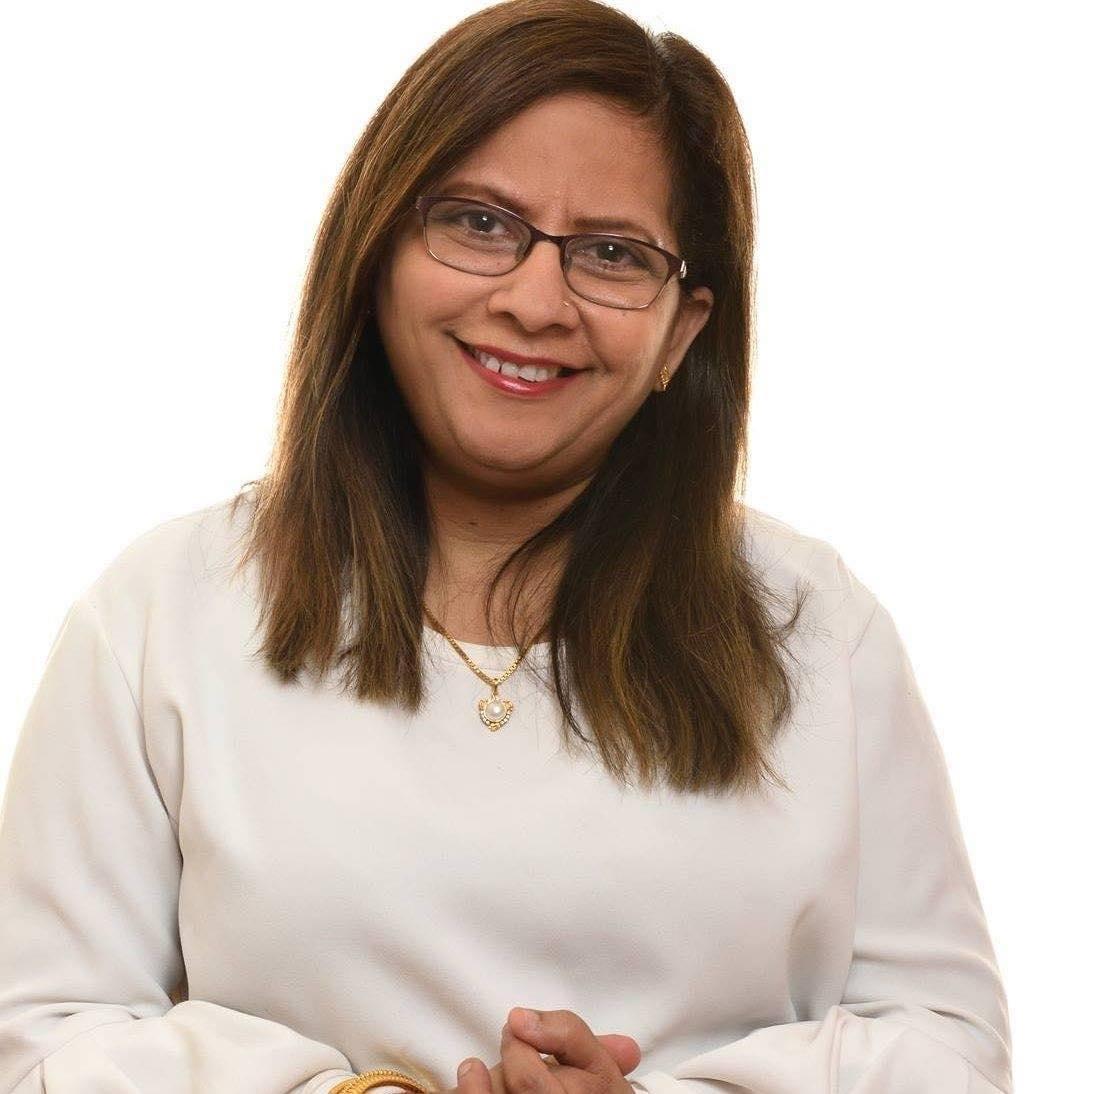 Pratibha Bhanushali